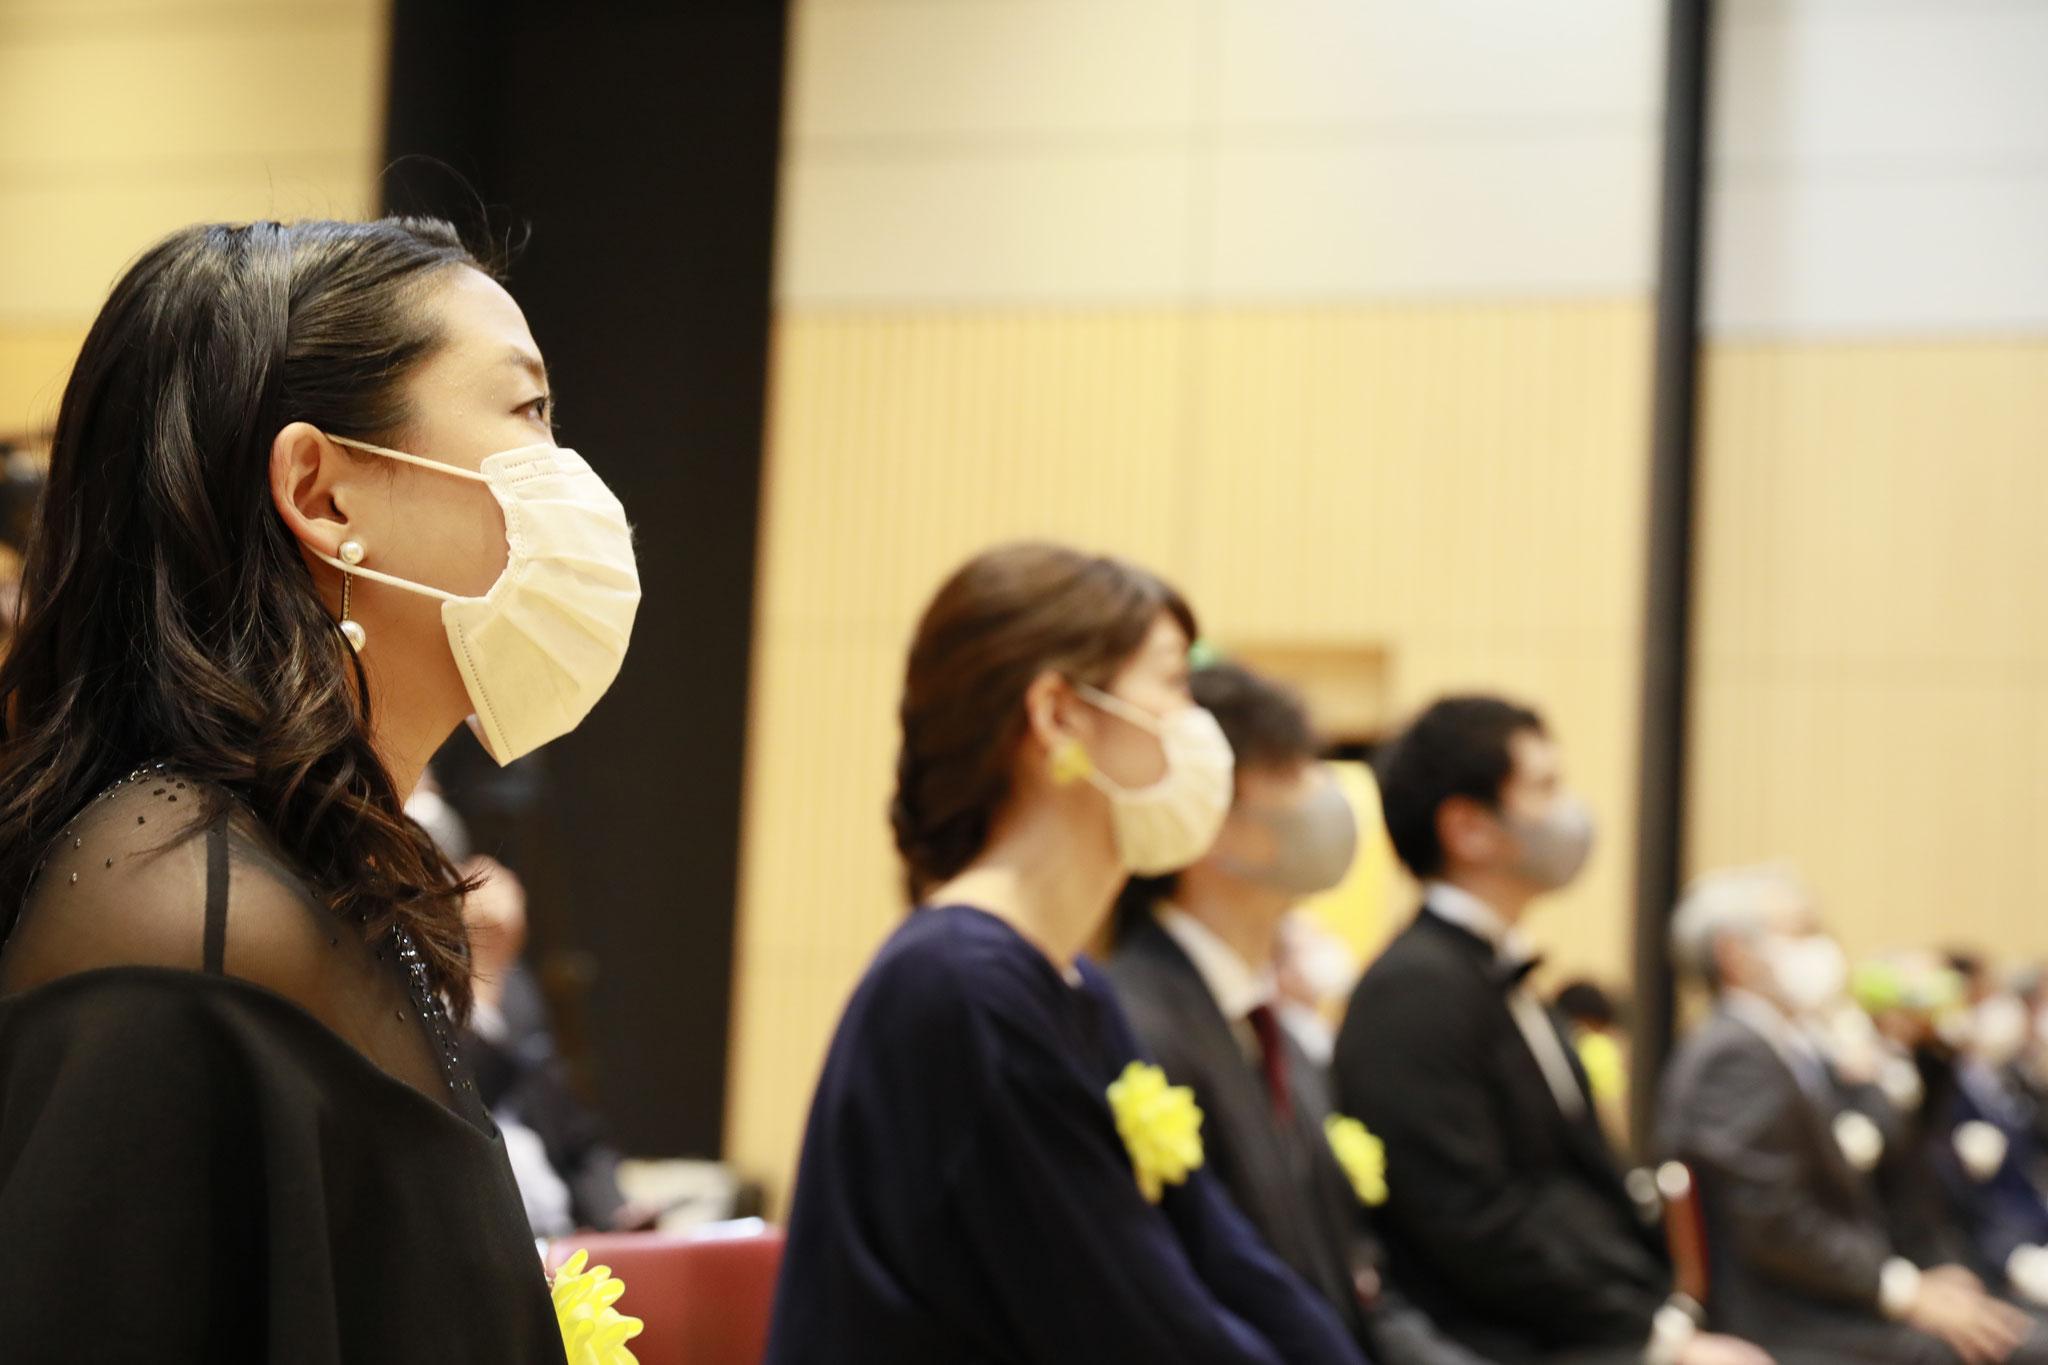 会場は無観客とし、マスクの着用・間隔をあけての着席などを徹底いたしました。